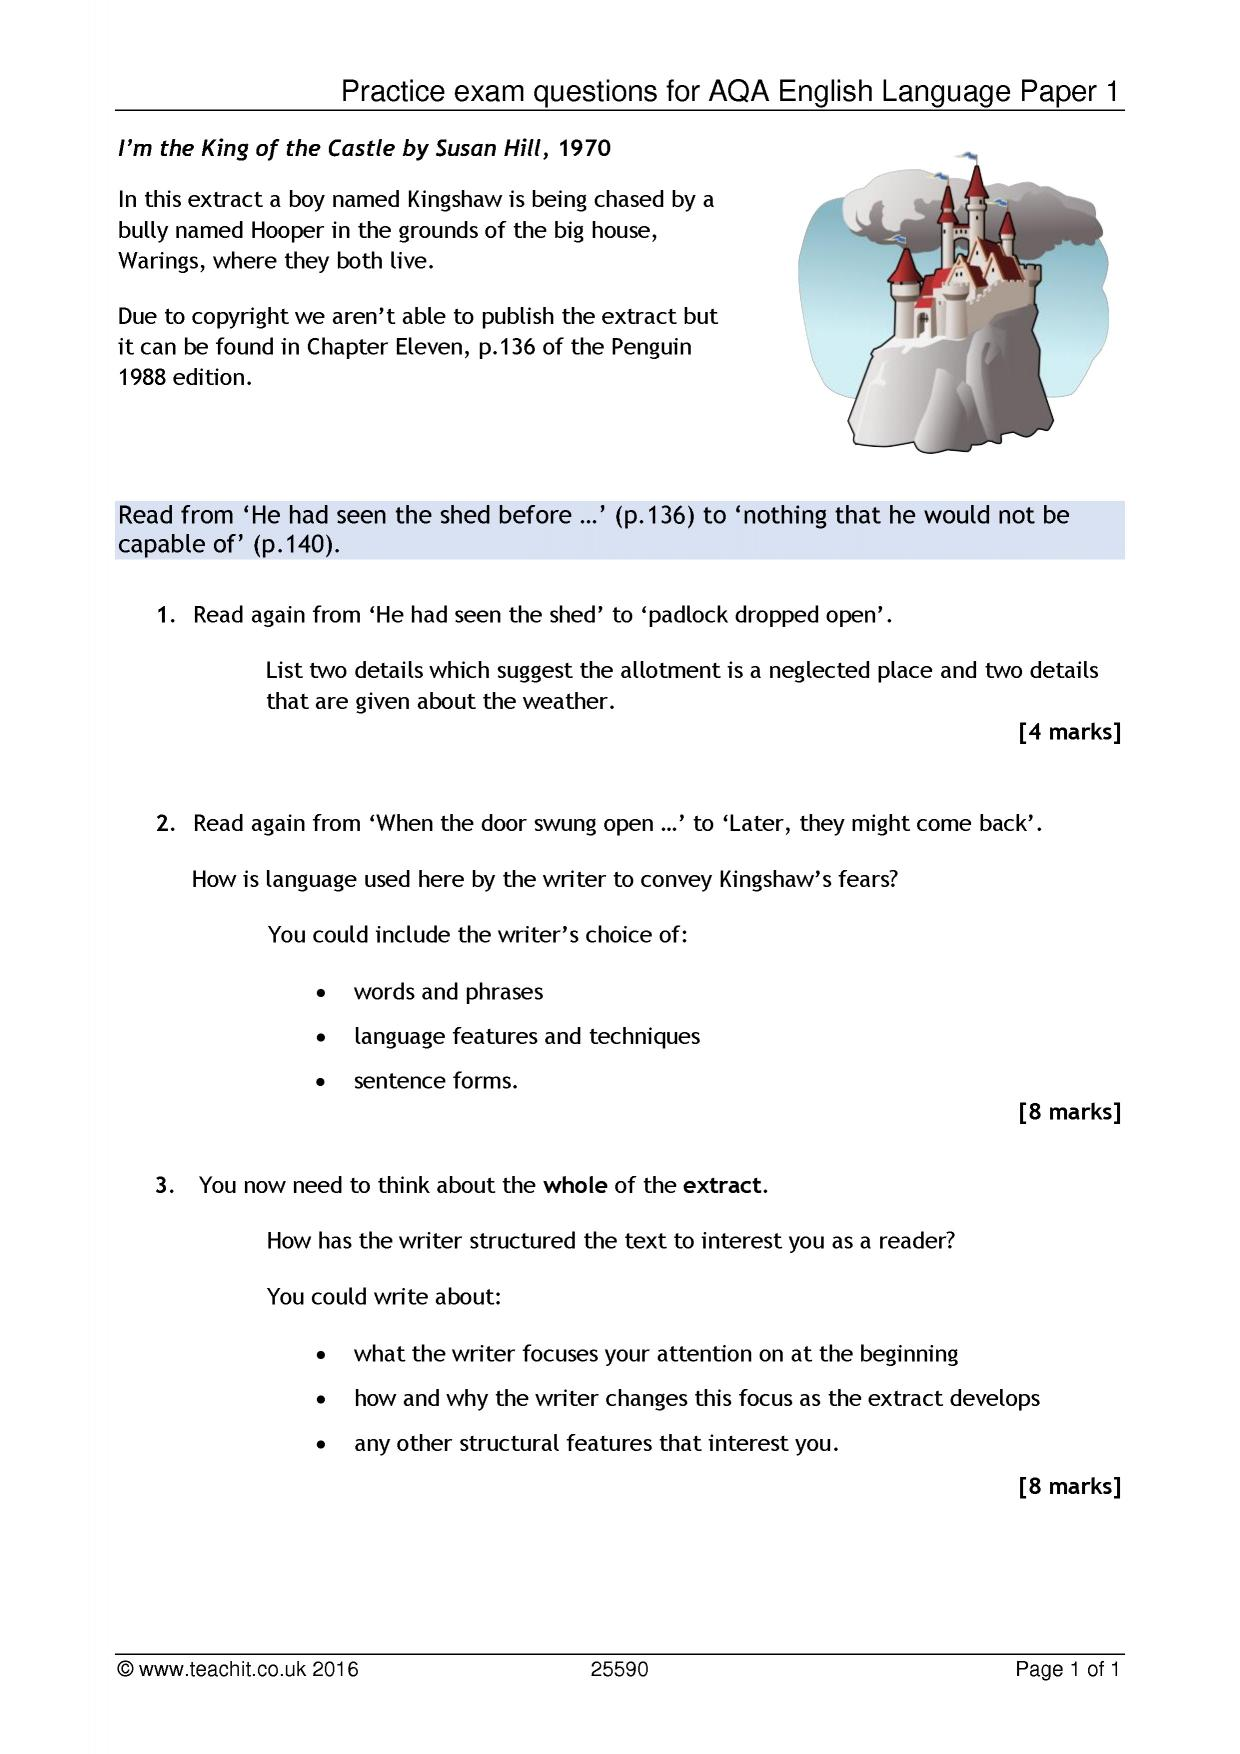 pdf Philomena, conte raconté d'après Ovide par Chrétien de Troyes publié d'après tous les manuscrits de l' Ovide moralisé avec introduction, notes, index de